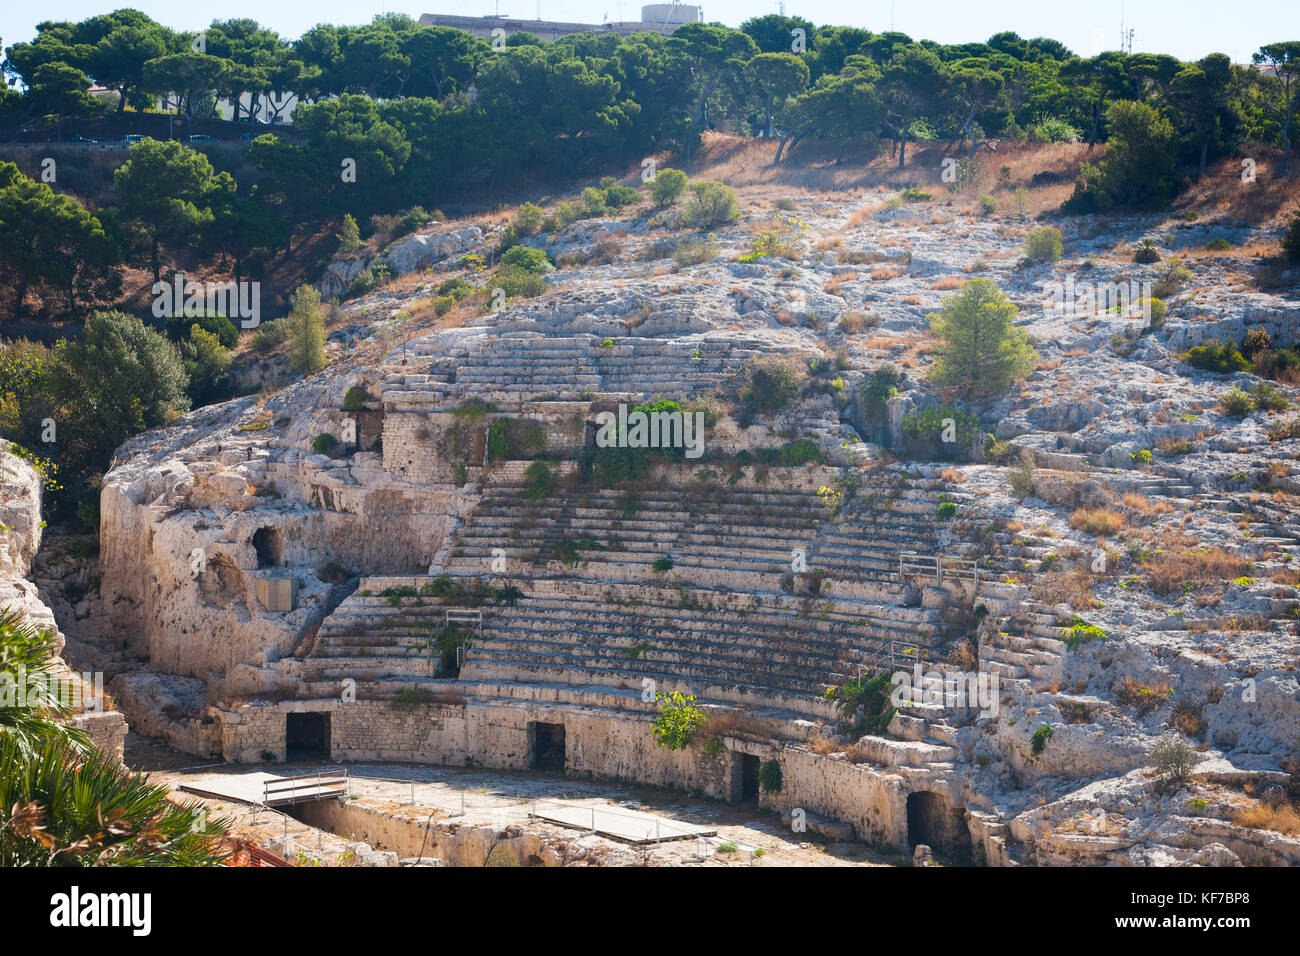 Second century AD Roman Amphitheatre in Cagliari (Calaris), Sardinia, Italy - Stock Image